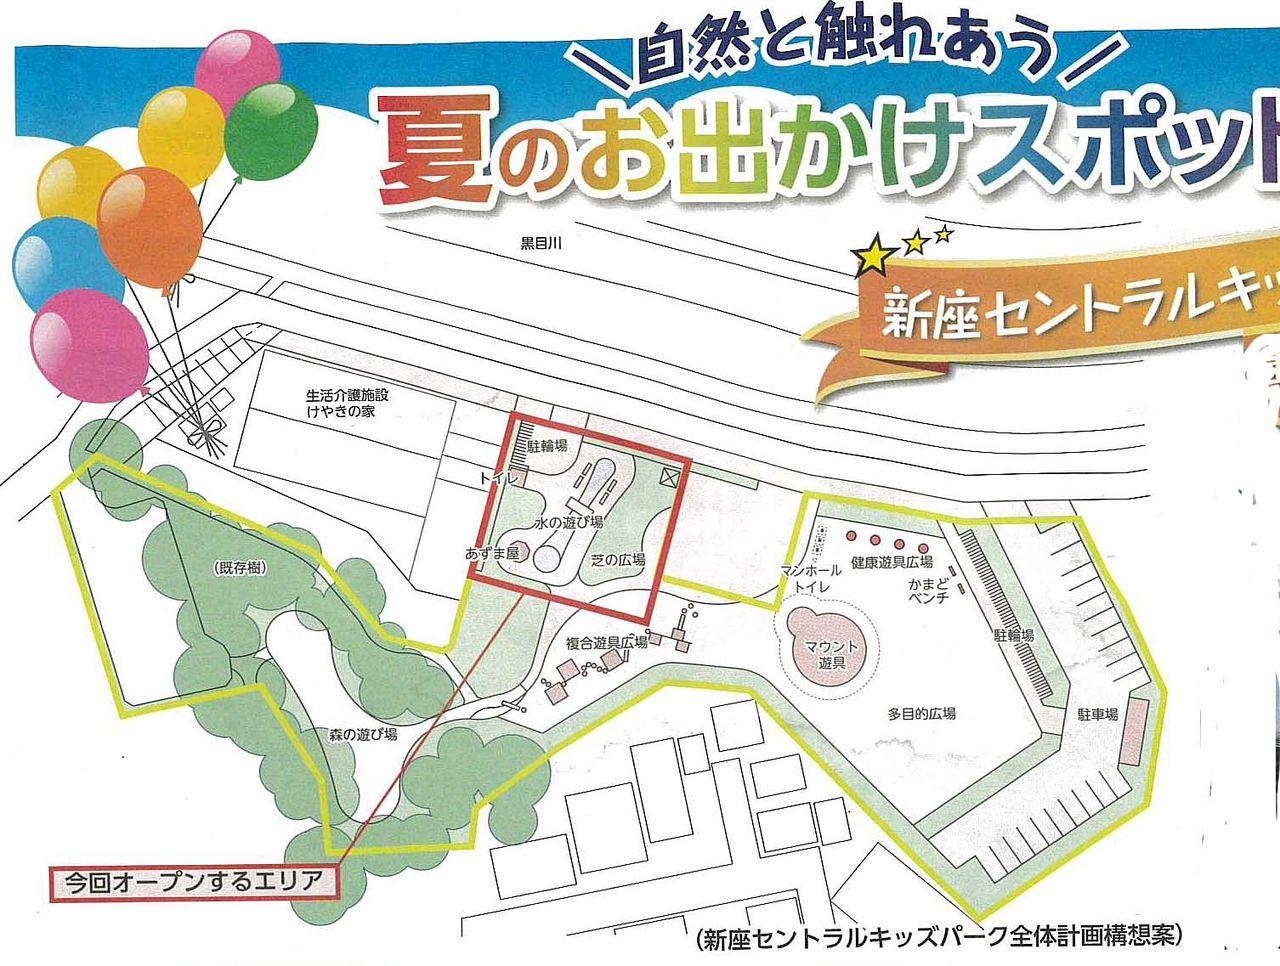 プレオープンパークの地図